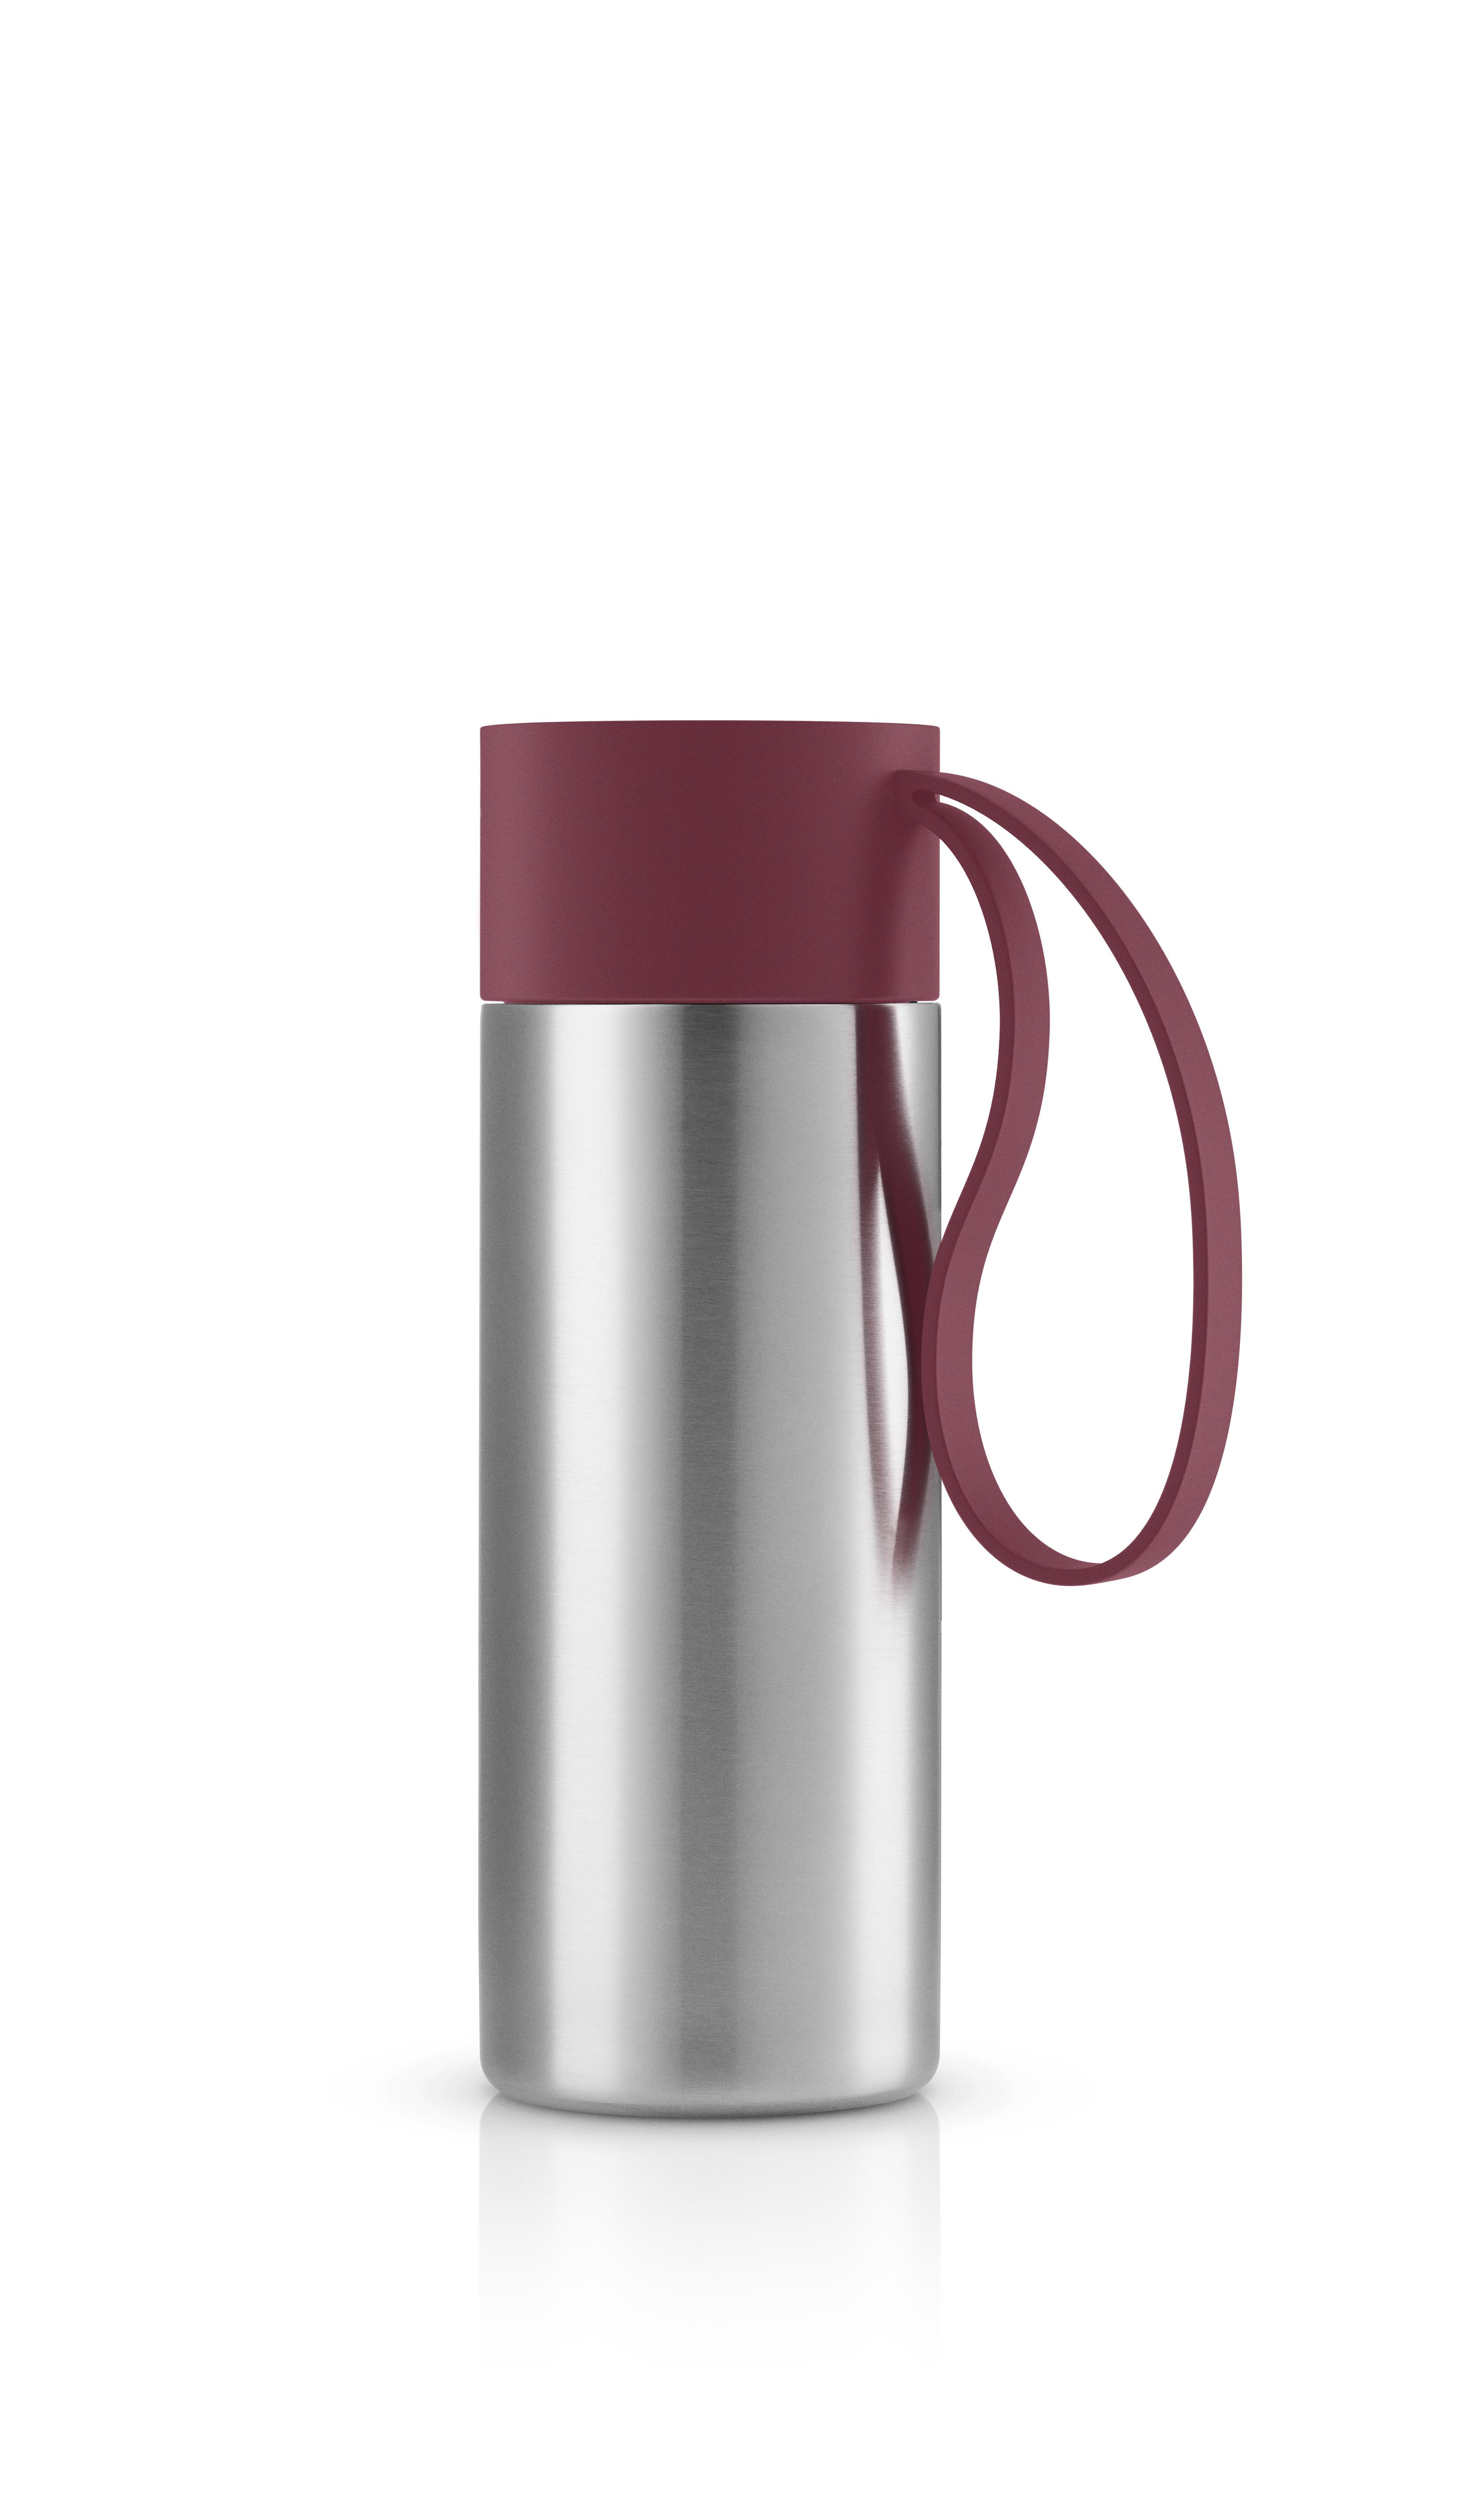 Eva Solo - To Go Cup 0,35 L - Pomegranate (567054)